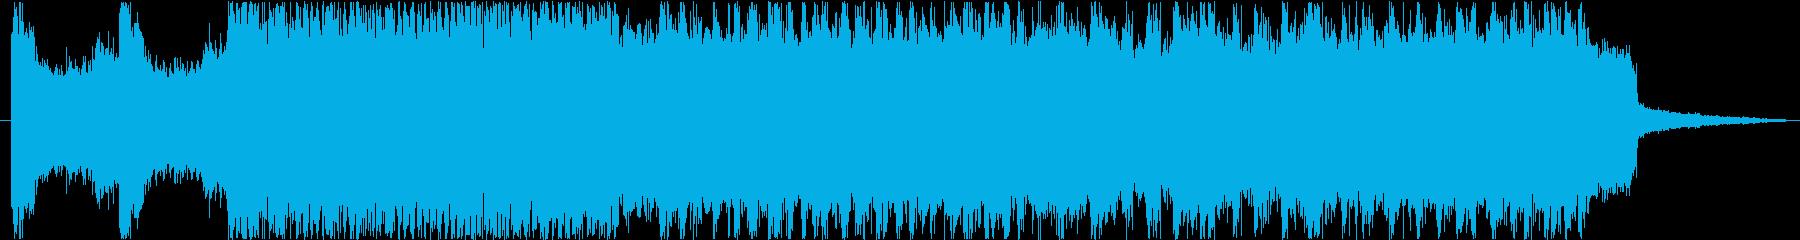 戦闘機の飛行シーン等に最適な約30秒の曲の再生済みの波形